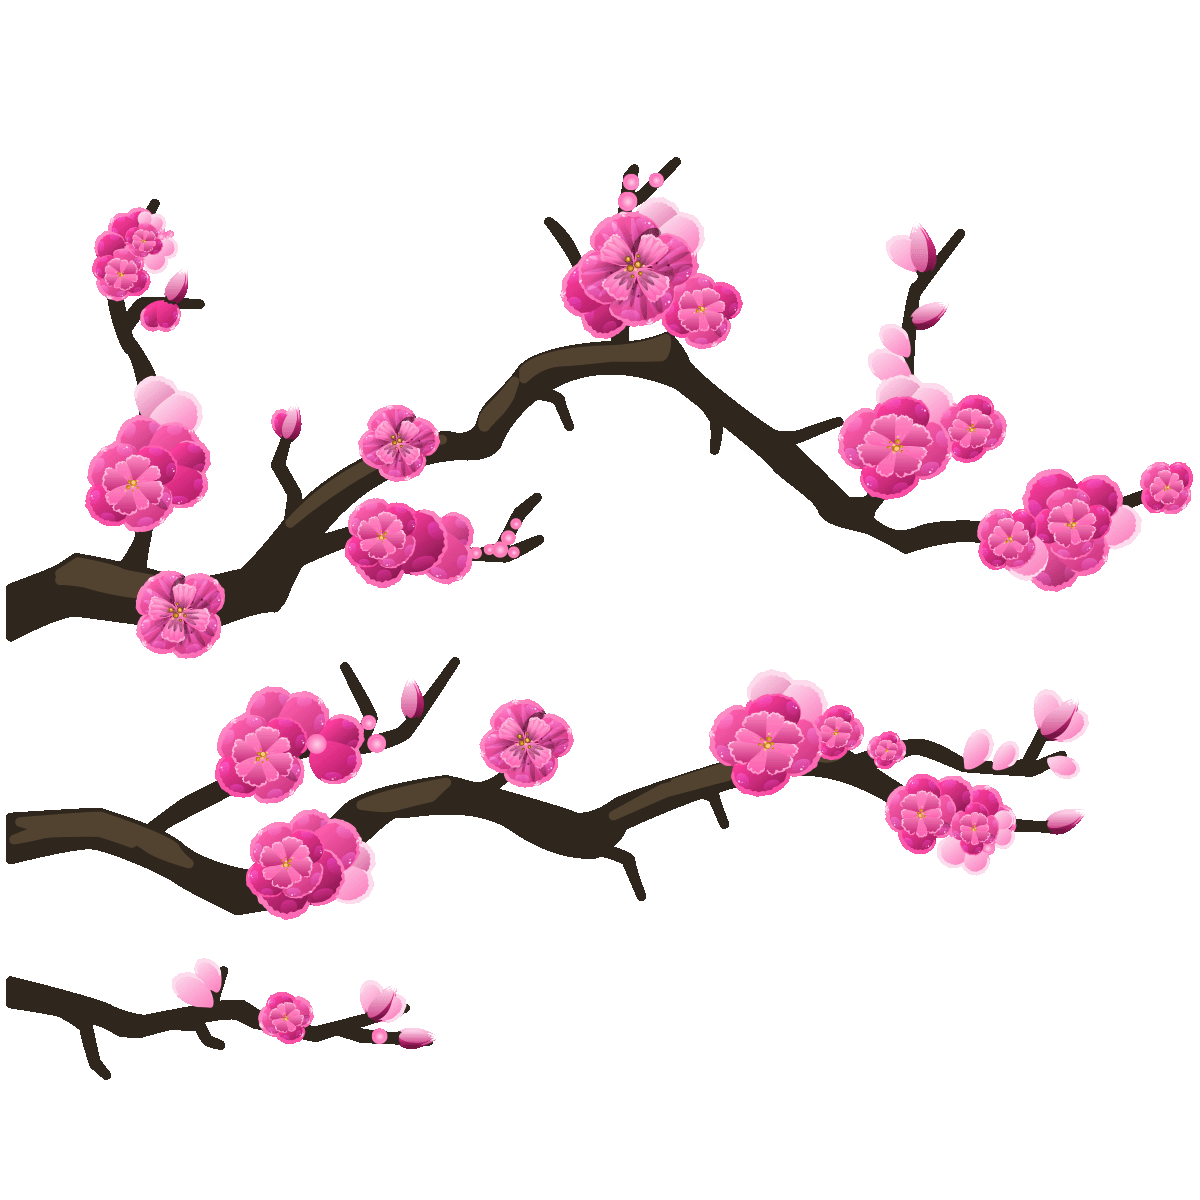 Branche De Cerisier sticker branches cerisier du japon – stickers villes et voyages